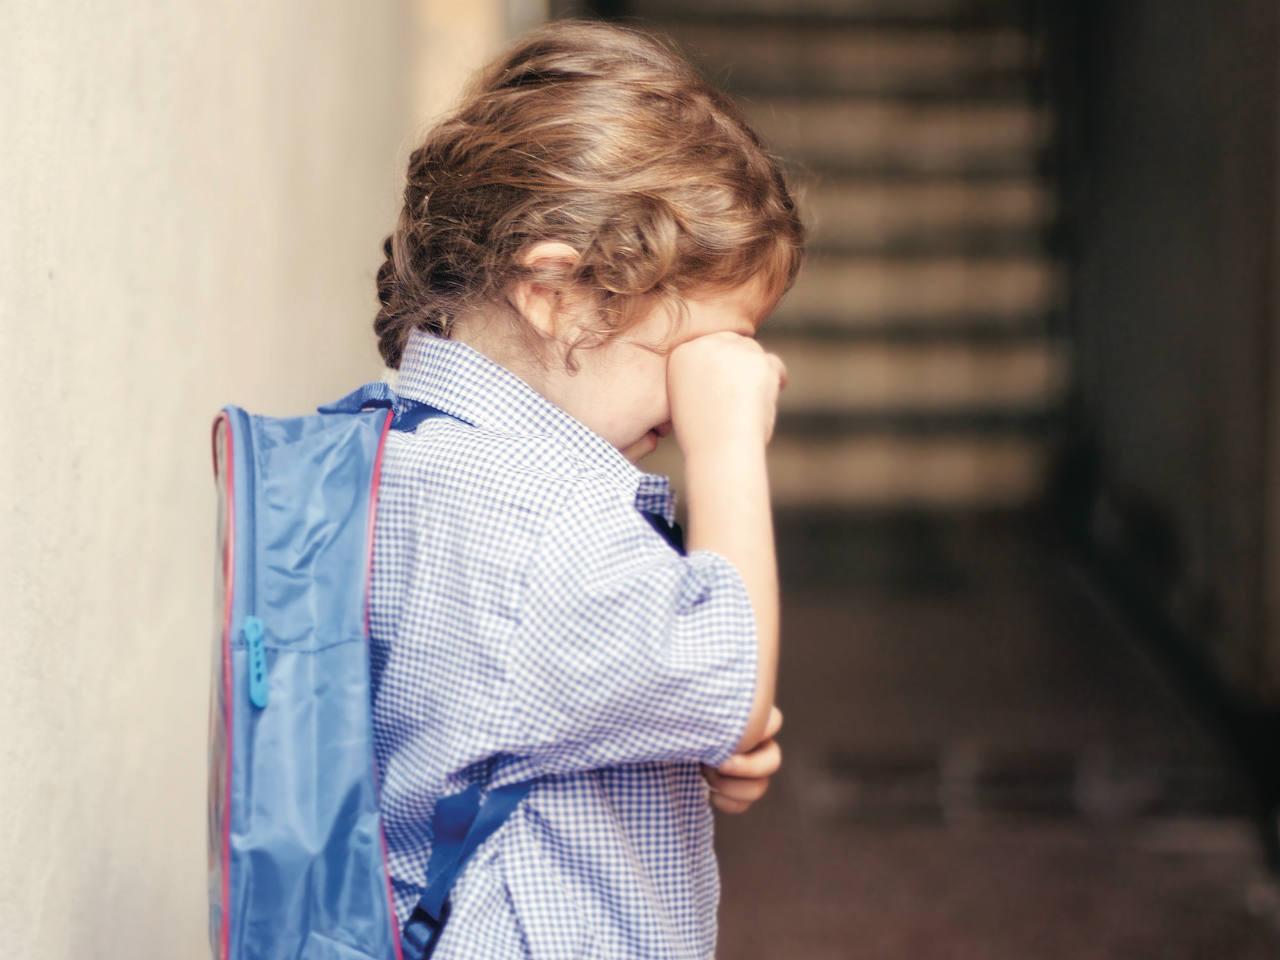 Tagasilöök lasteaiaga harjutamisel? Kuidas aidata lapsel valutult kohaneda?